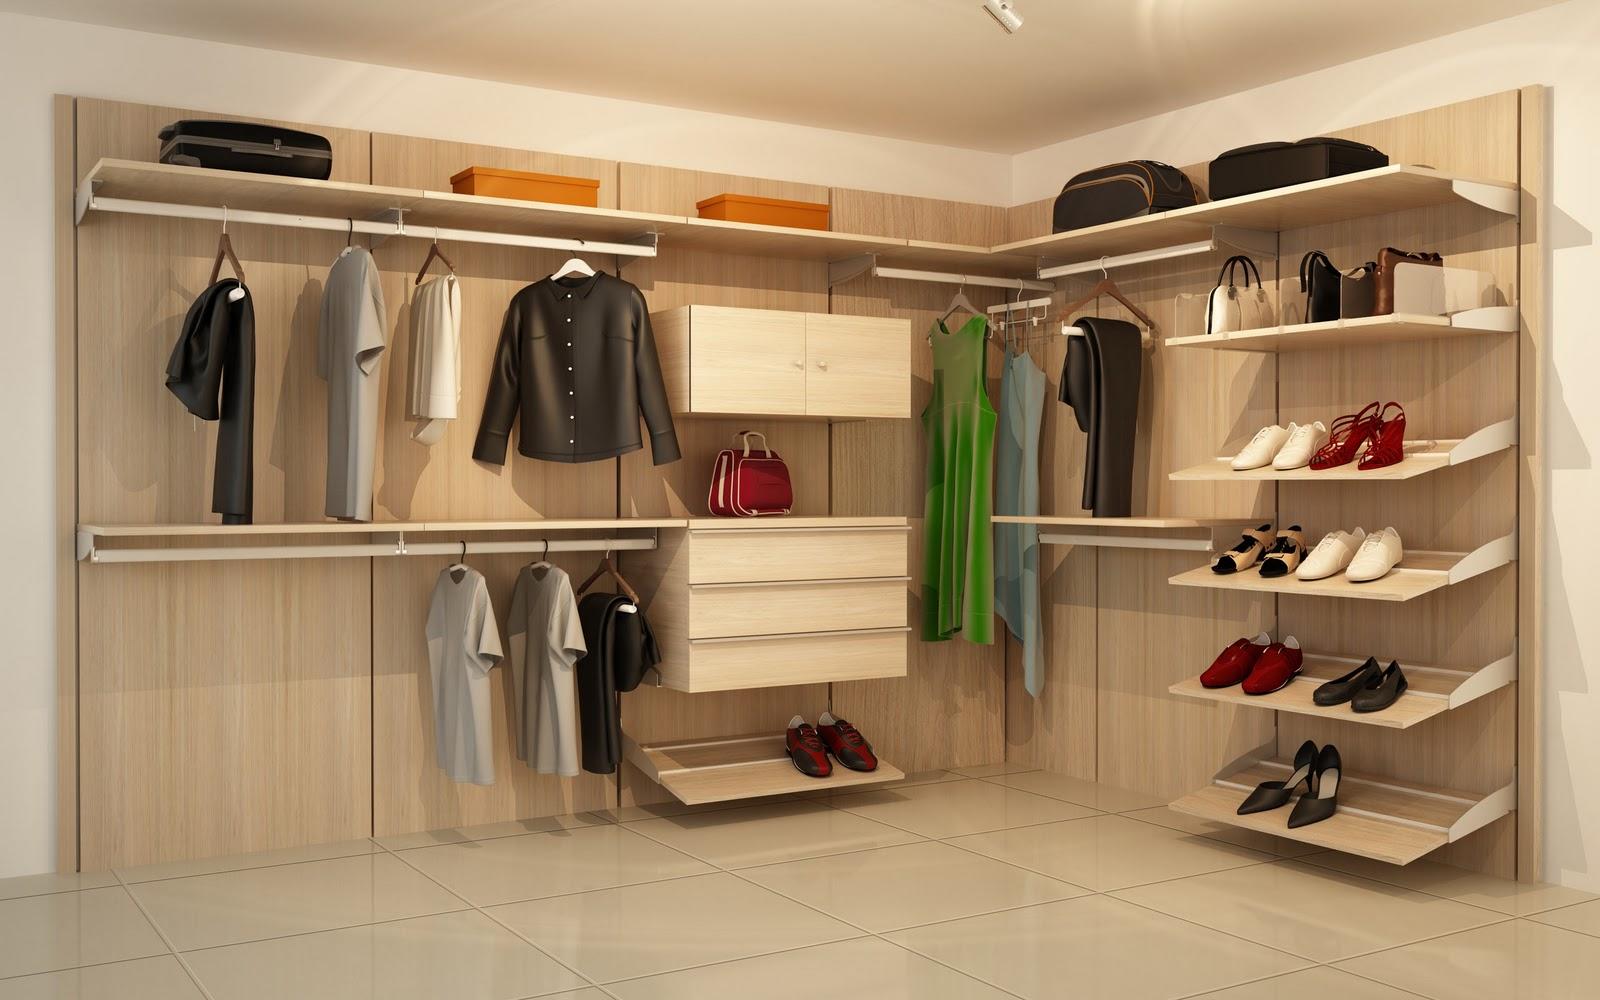 Orbis home closets modulares closets linea trendy for Disenos de zapateras para closet